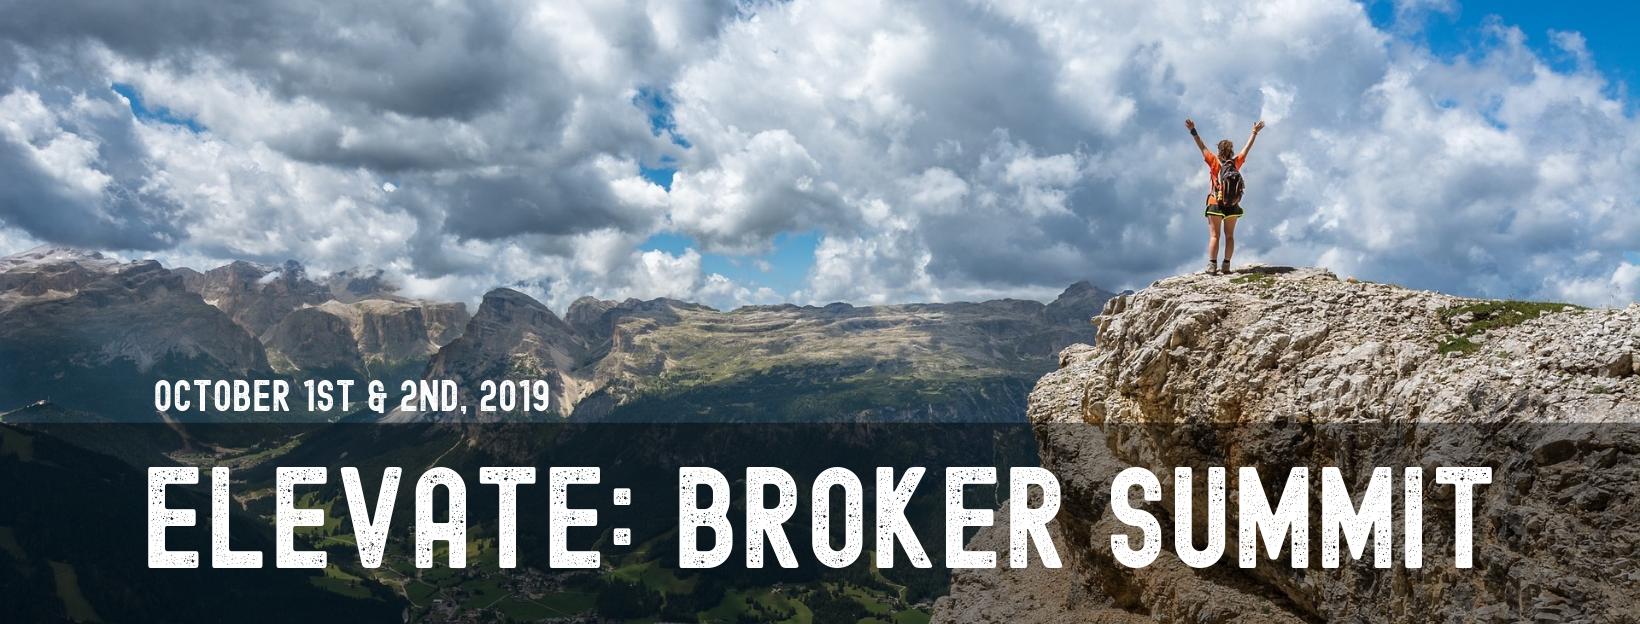 LR Broker Summit 2019 Header.png